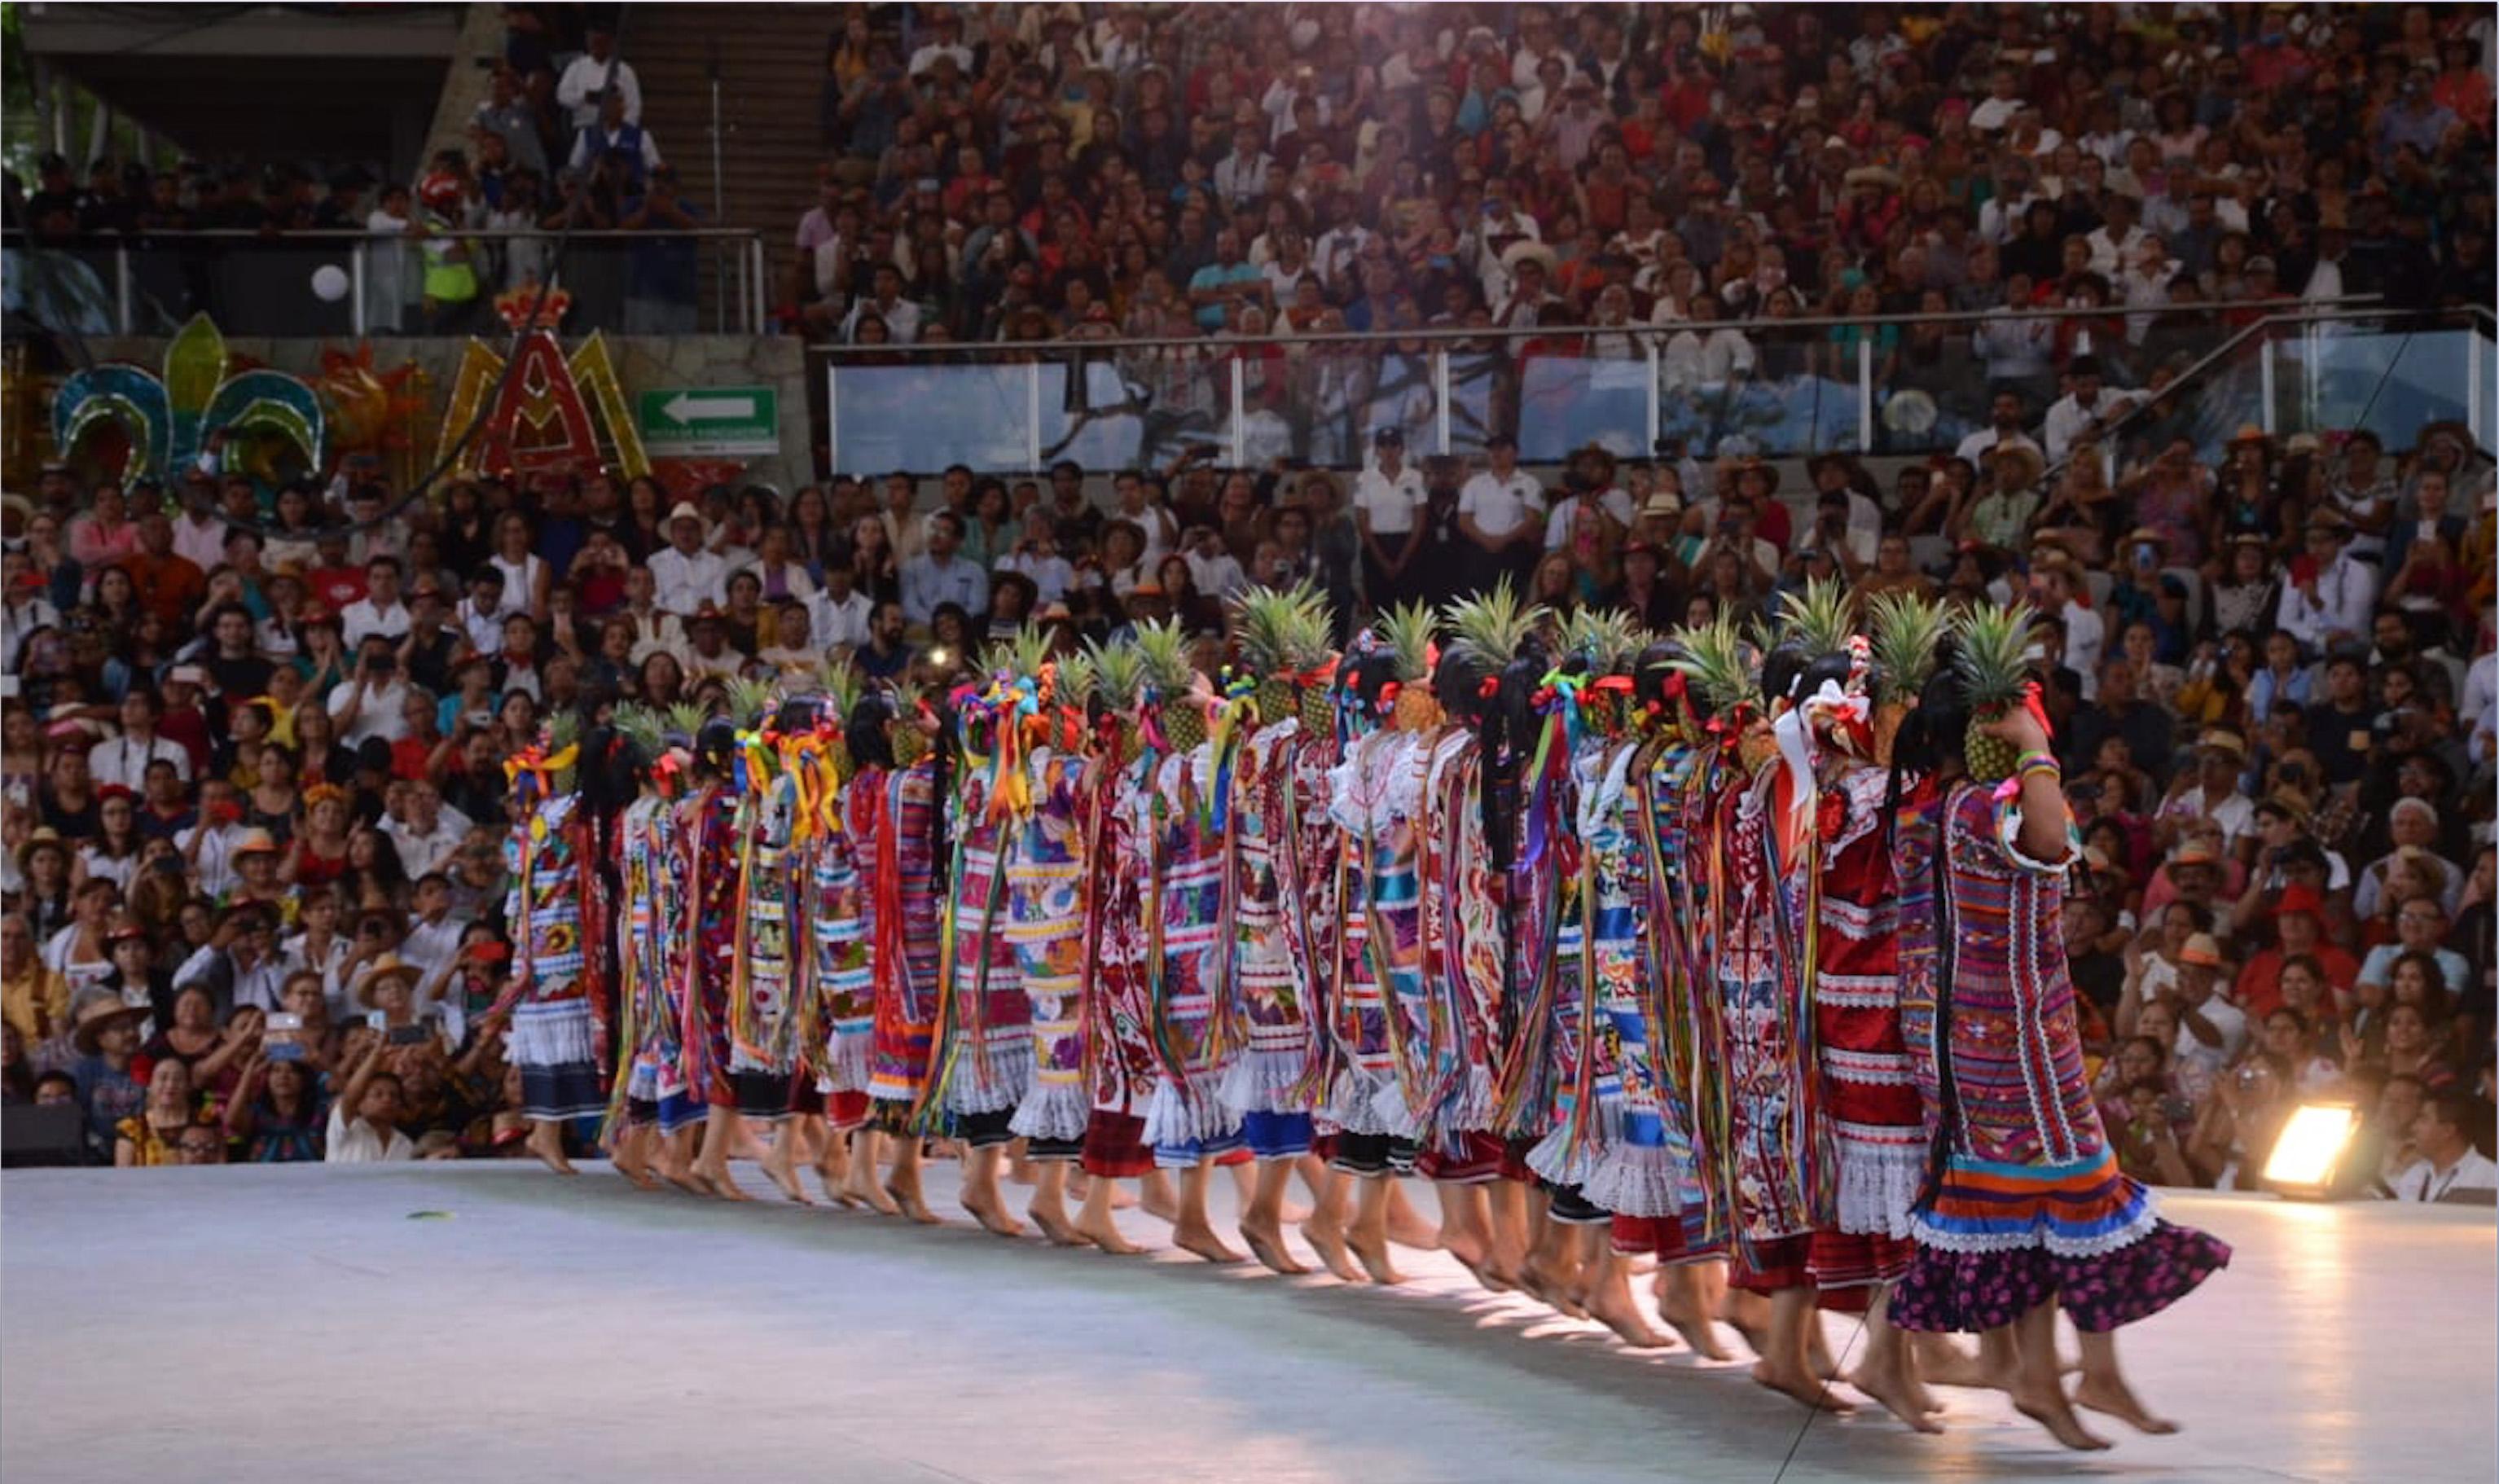 Teniendo como sede la Unidad Deportiva de Santa María Ixcotel, el turismo local, nacional y extranjero pudo disfrutar de los bailes, jarabes, sones y chilenas de las diferentes regiones, quienes se expresan con la danza sus costumbres y tradiciones (FOTO: ESTACIÓN FOTO /CUARTOSCURO)